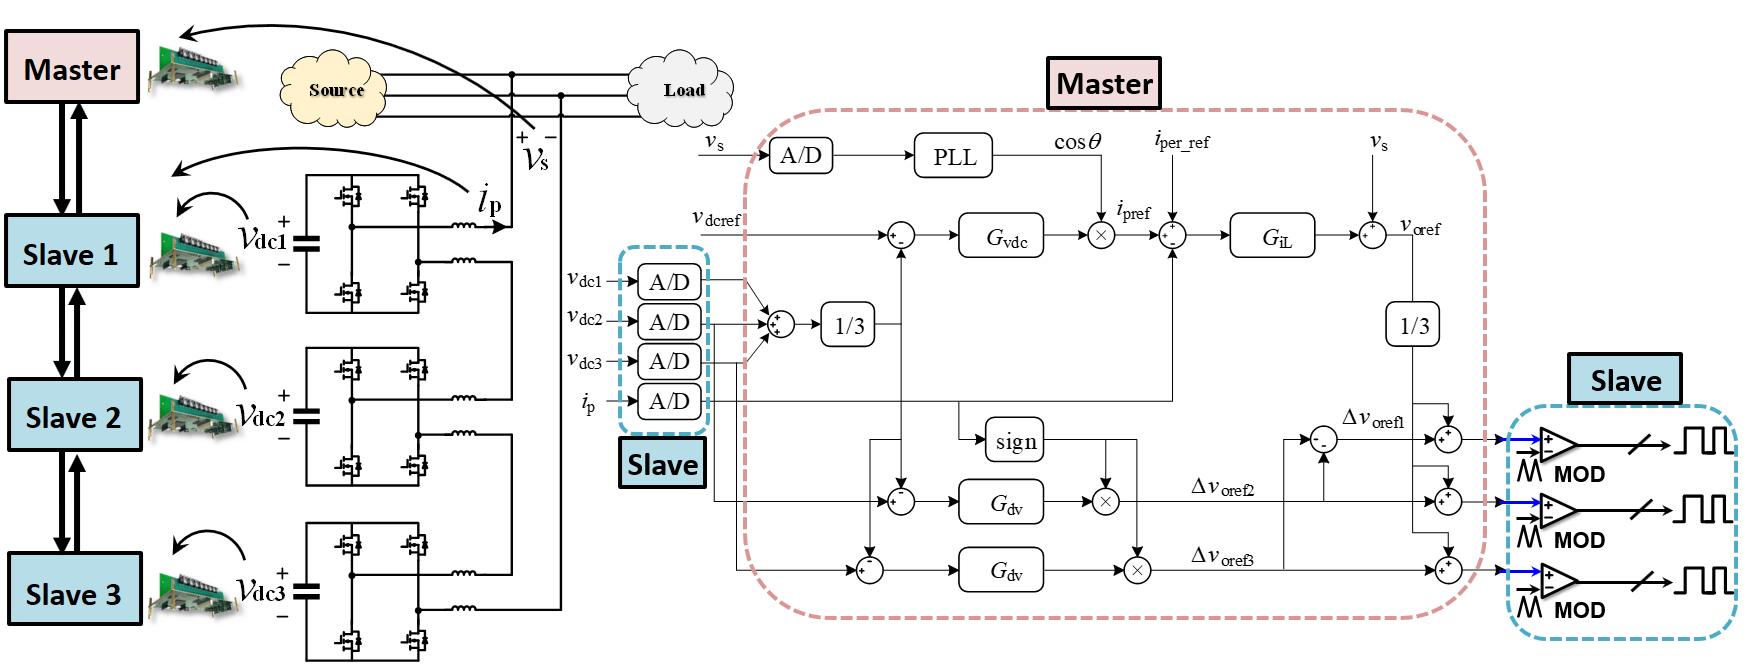 Control scheme